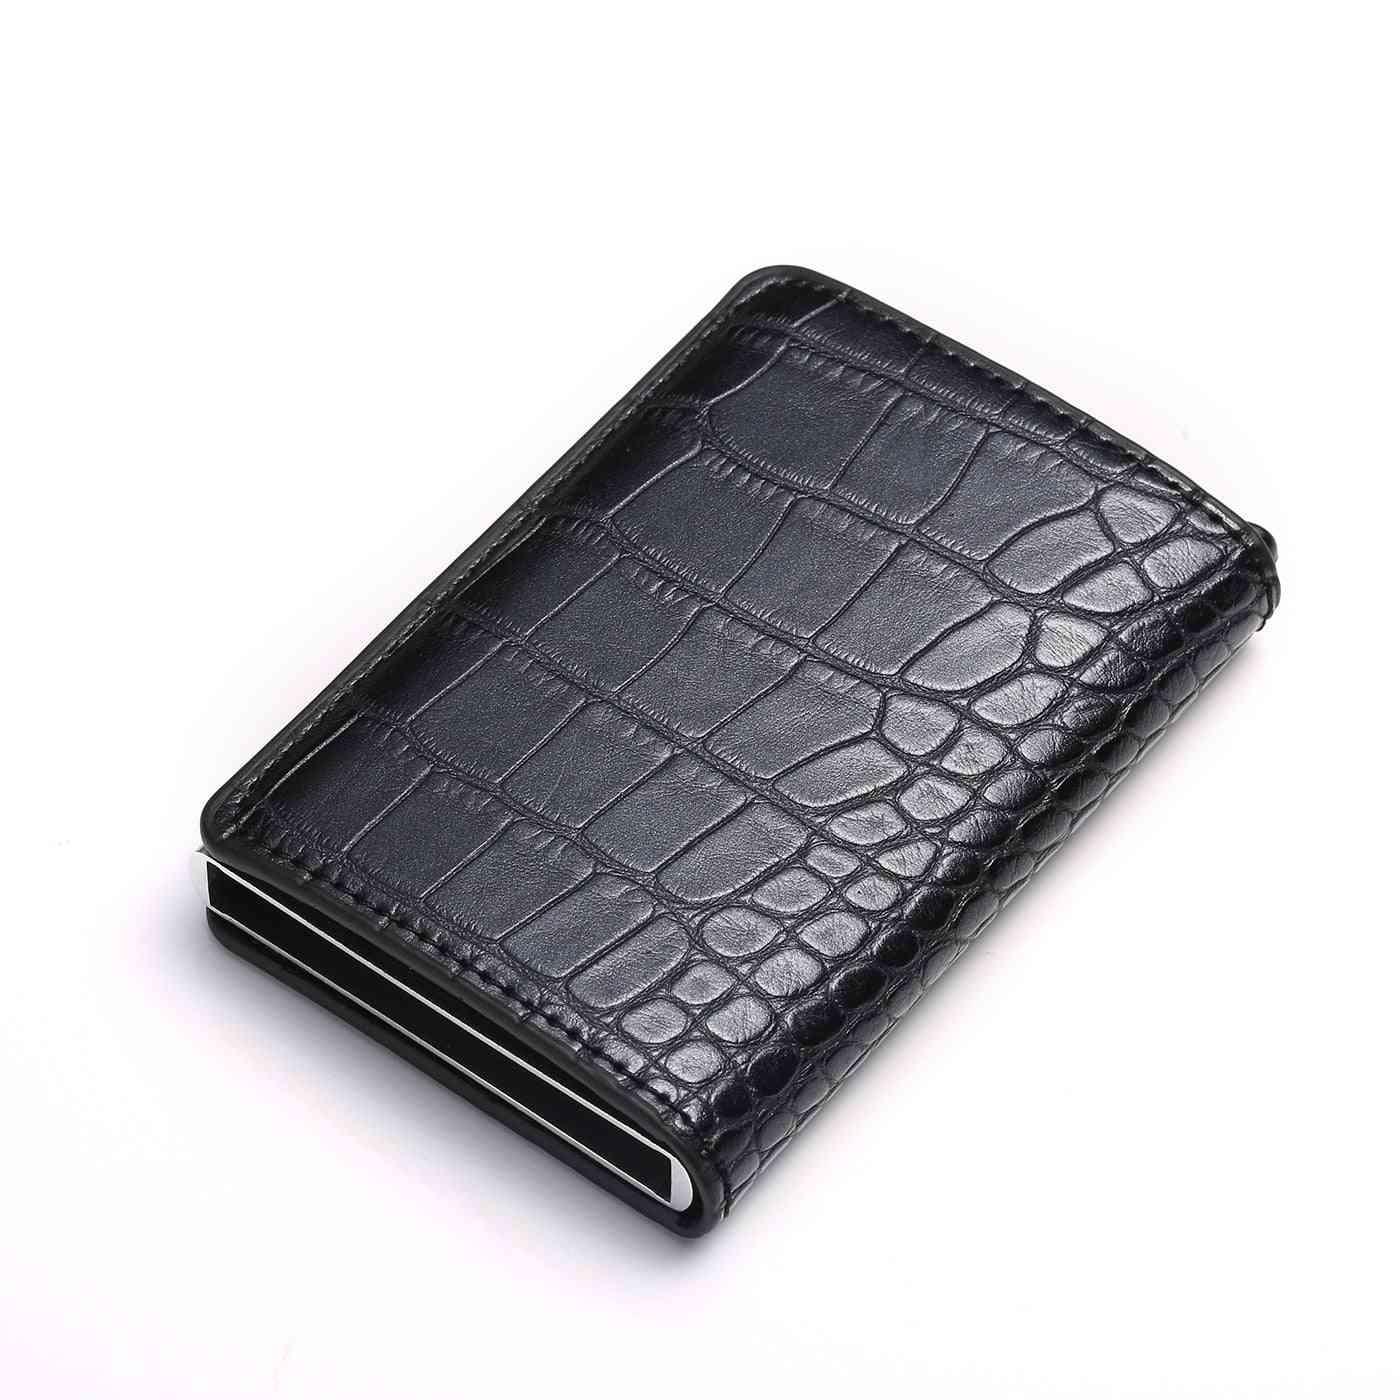 Carbon Fiber Card Holder, Aluminum Slim Short, Rfid Blocking Wallet